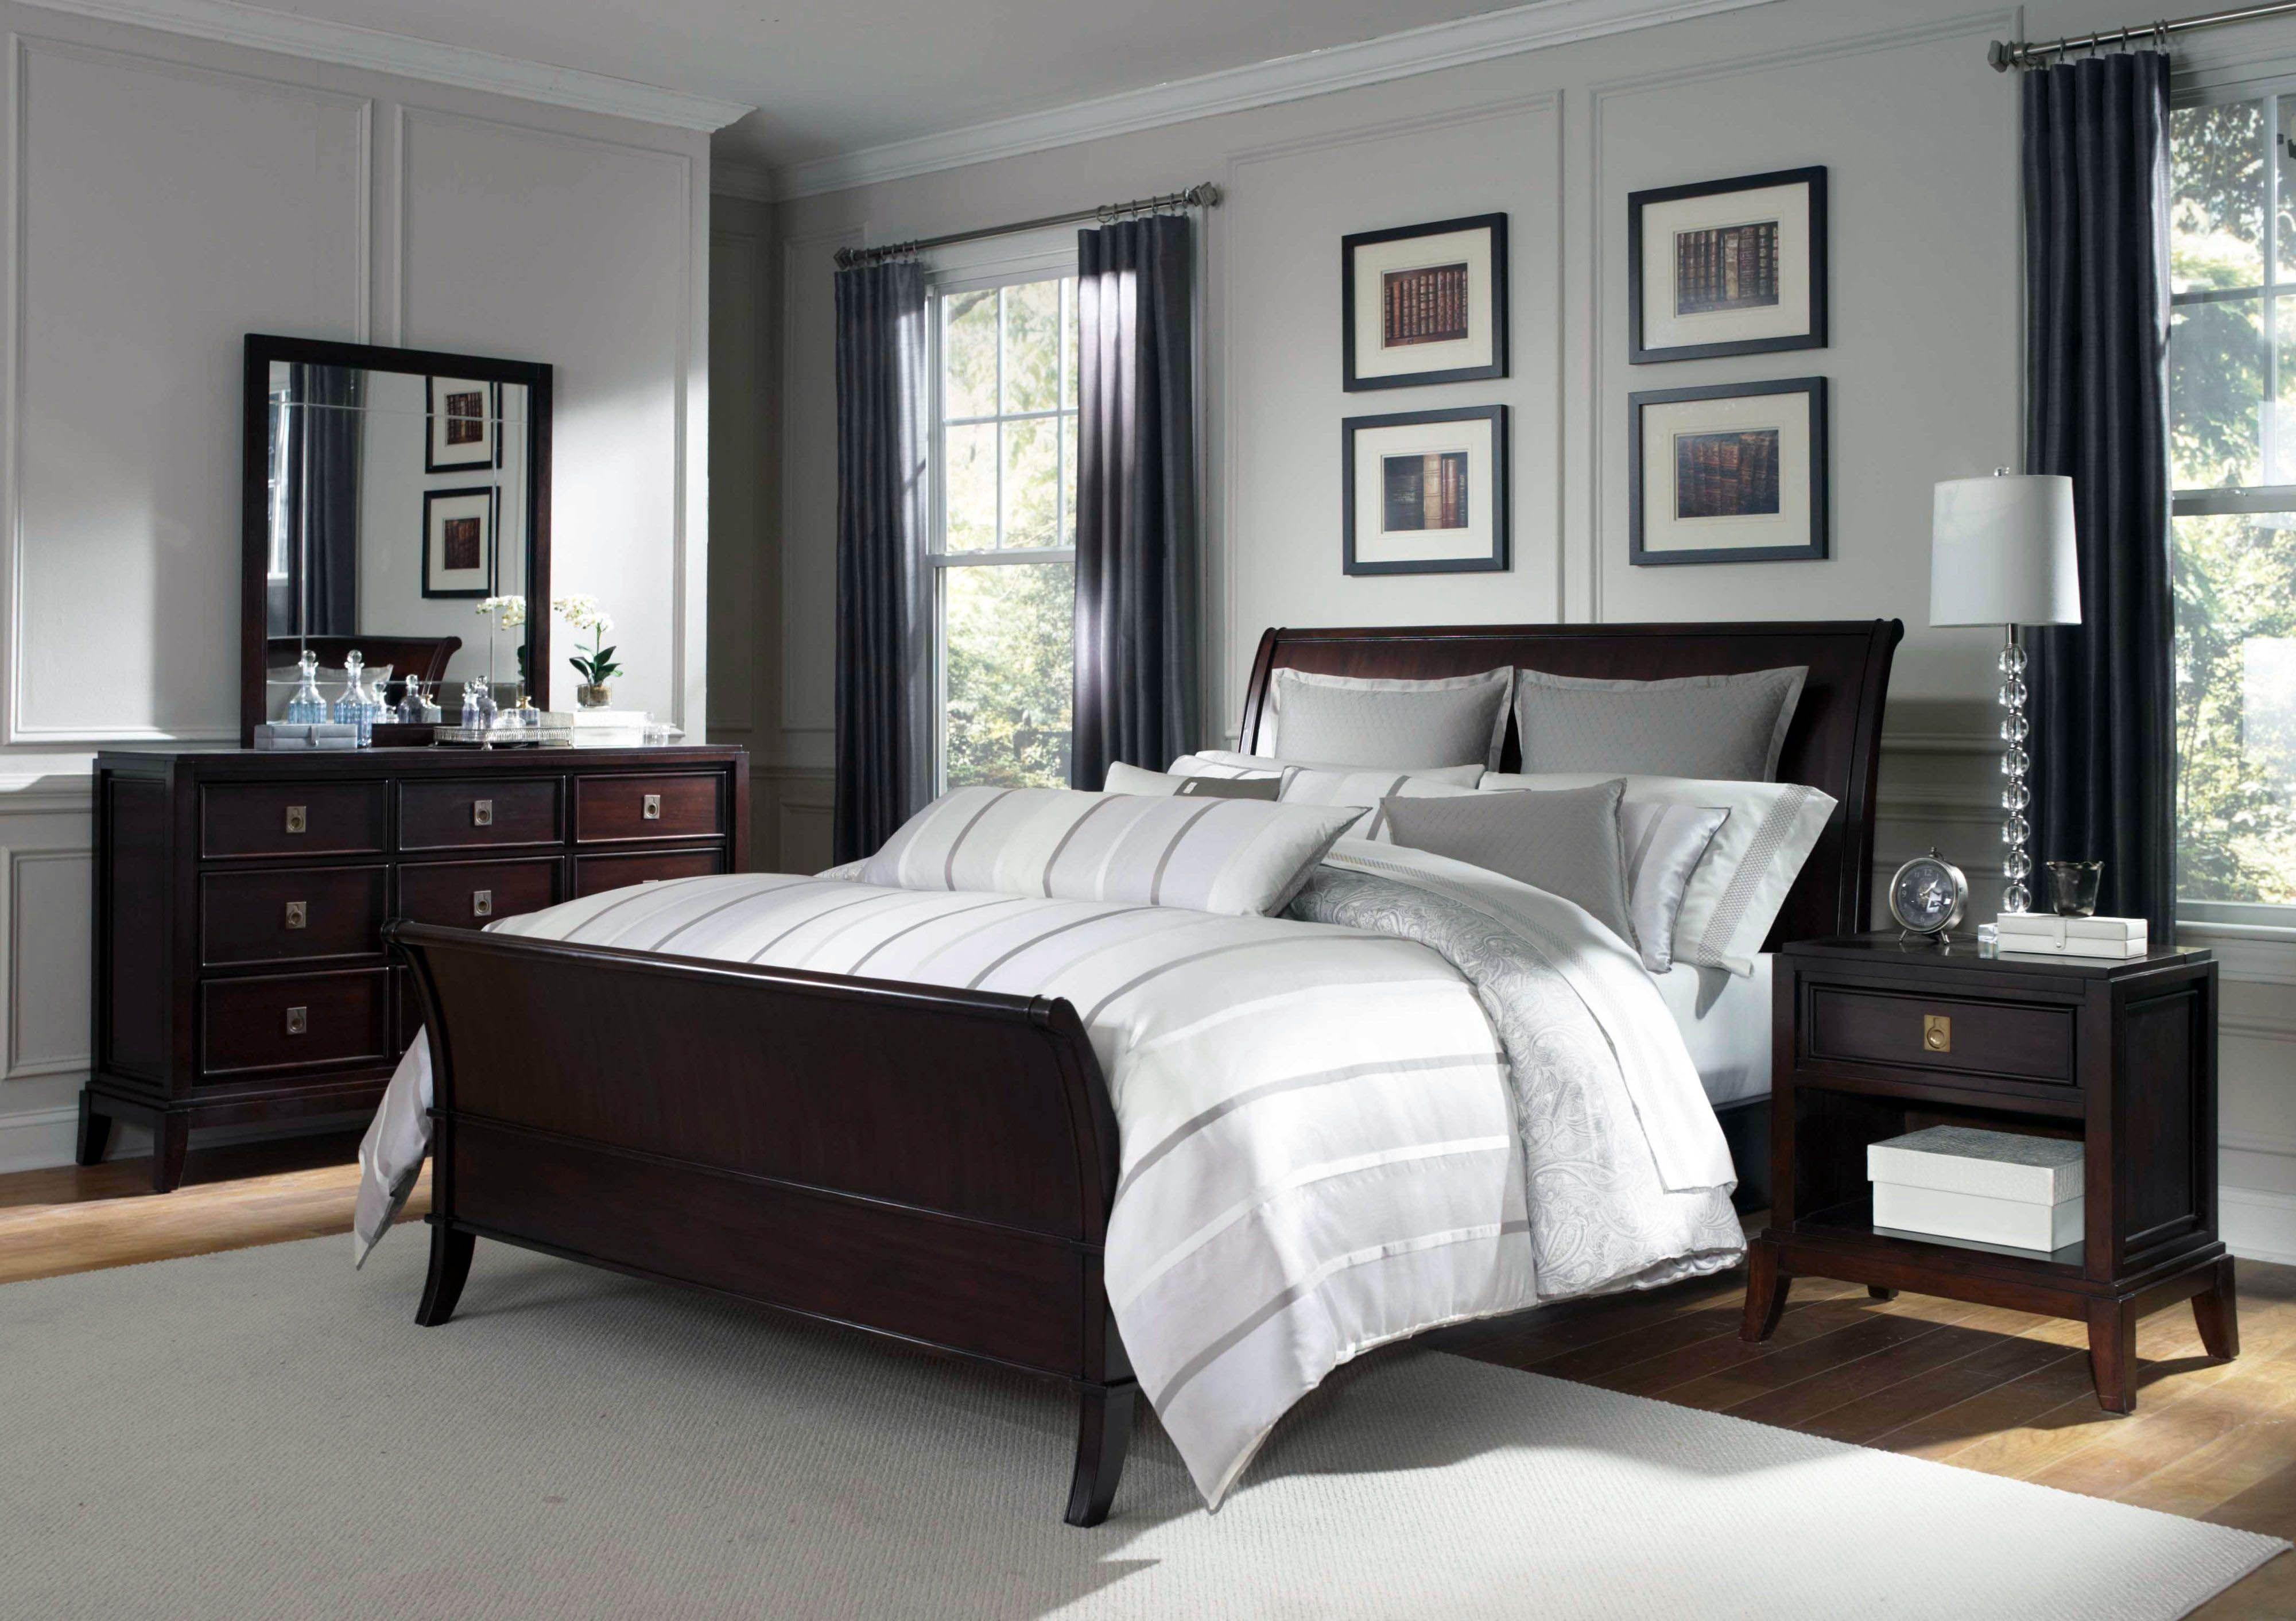 Our Favorite 4 Piece Bedroom Furniture Sets Uk For 2019